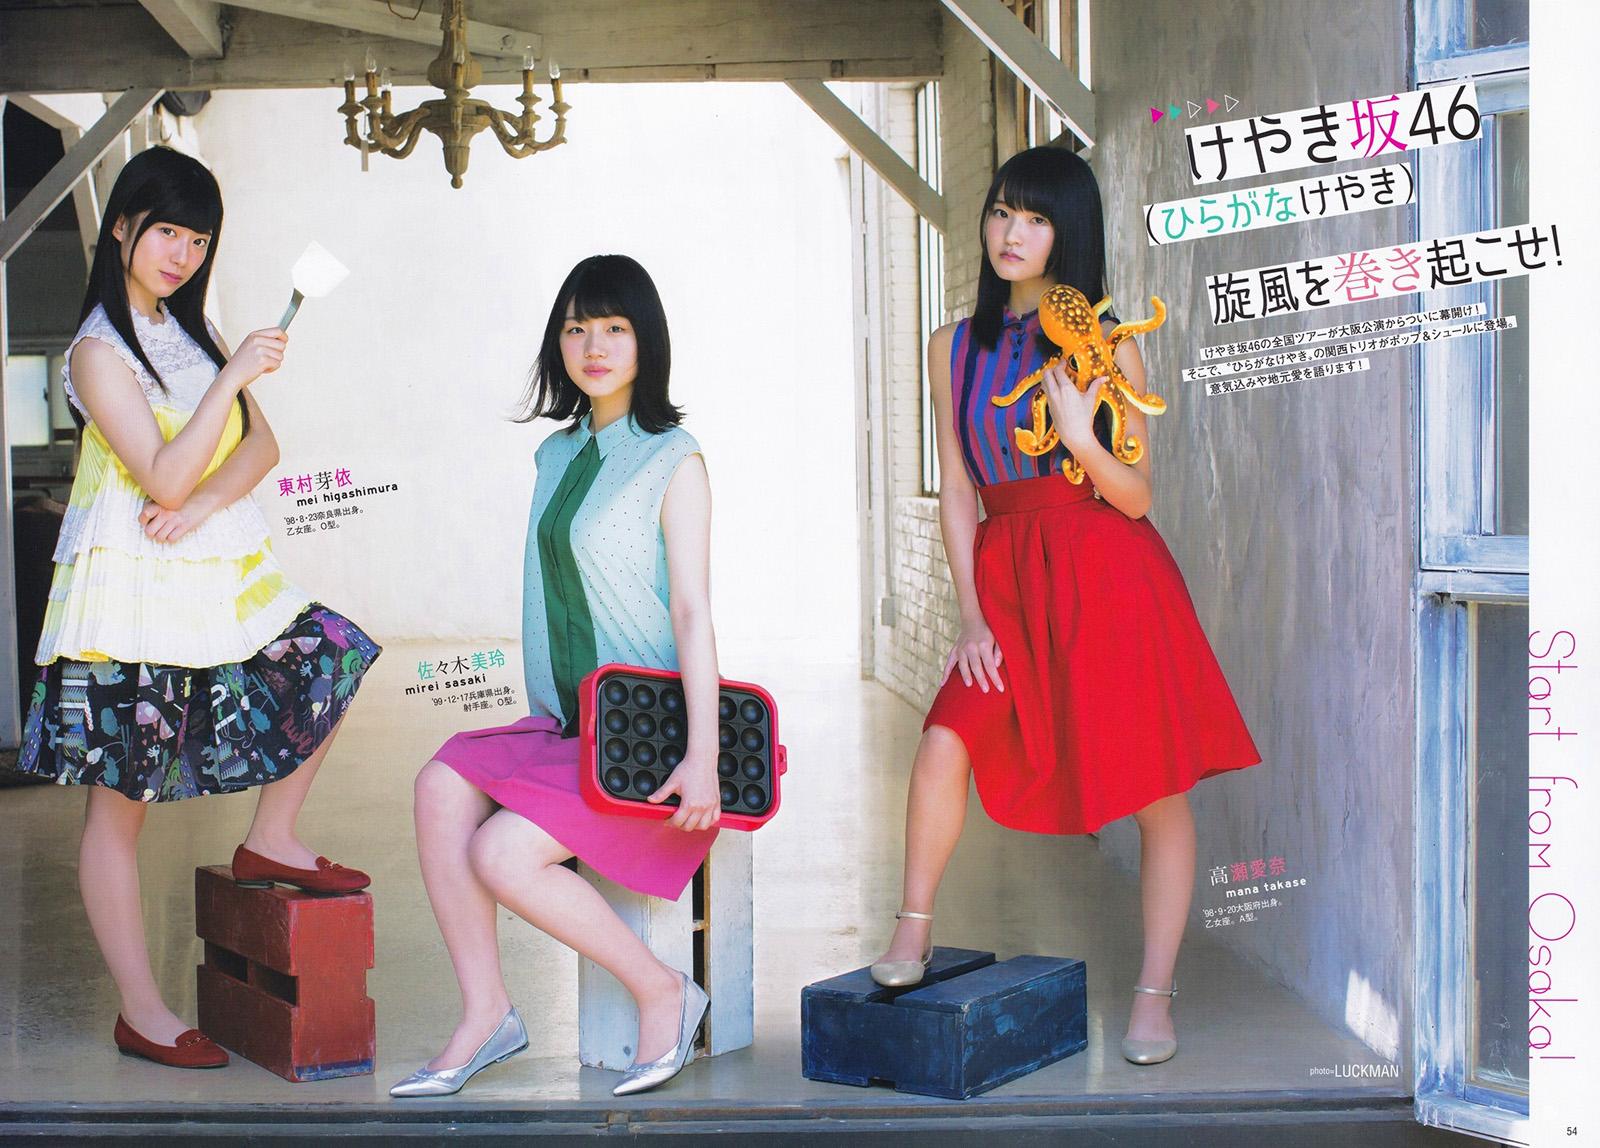 けやき坂46: Fumi Diary 2号店 : 他社